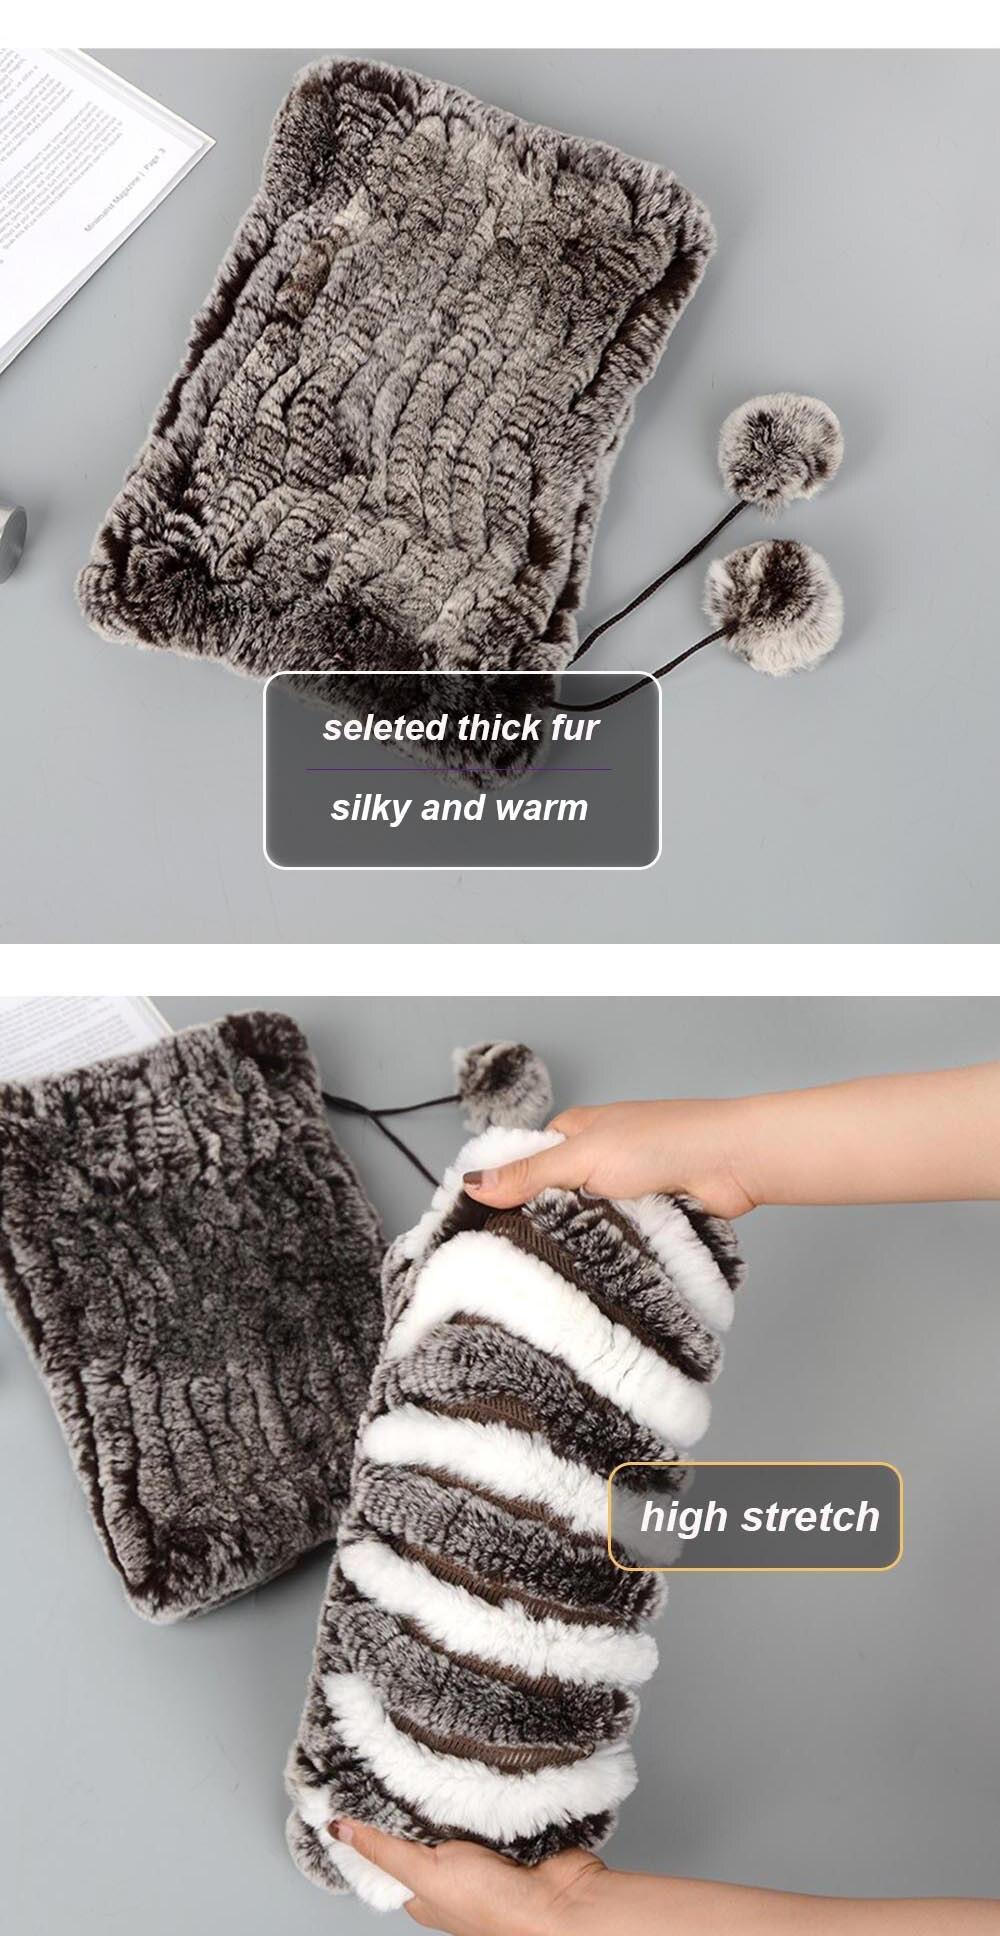 Knit rex rabbit hat neck warmer details 2